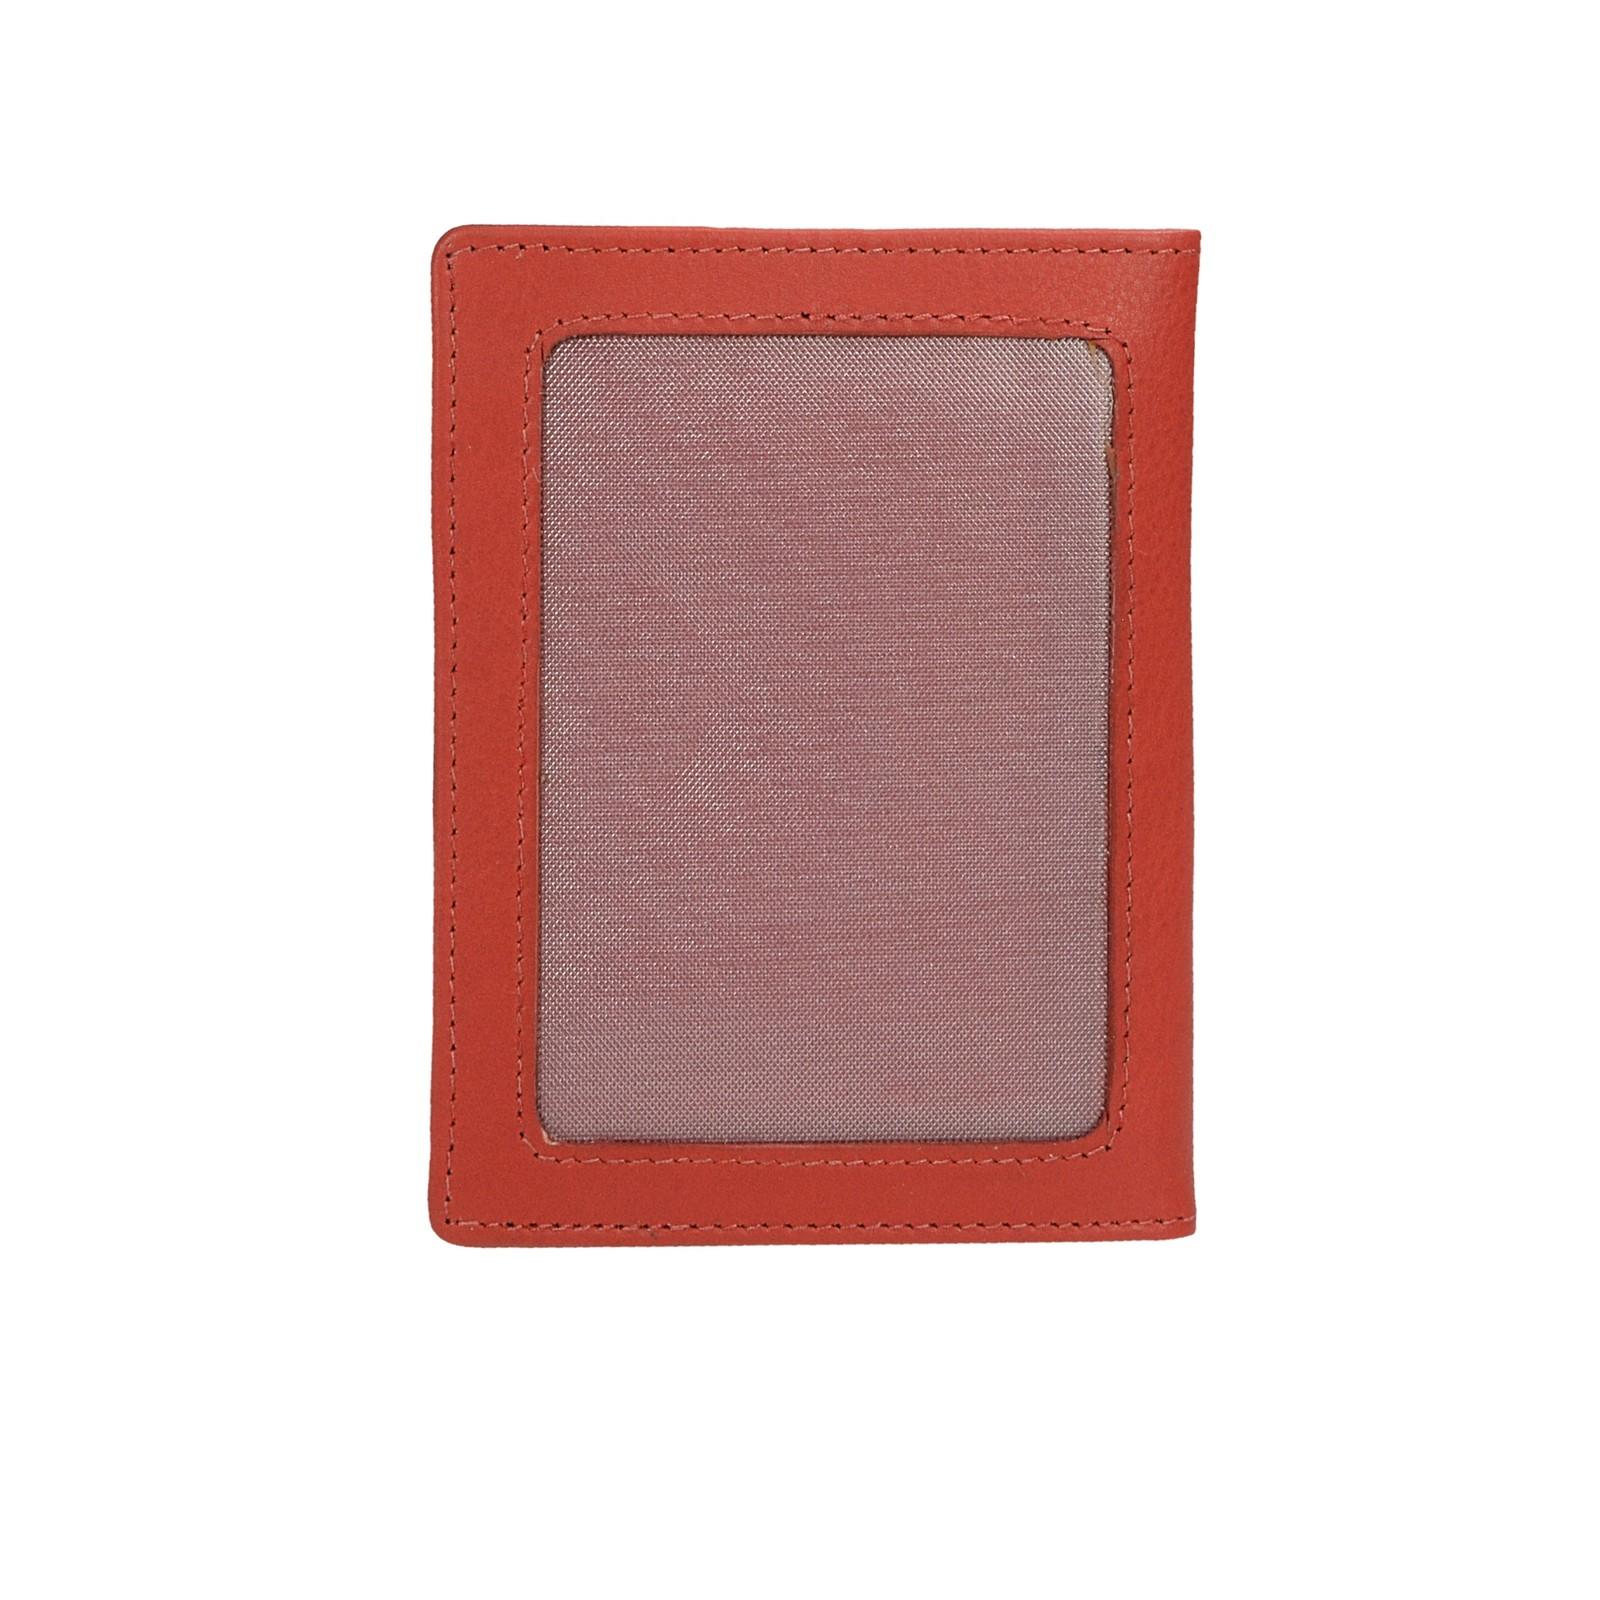 Mercucio dámska kožená dokladovka - červená